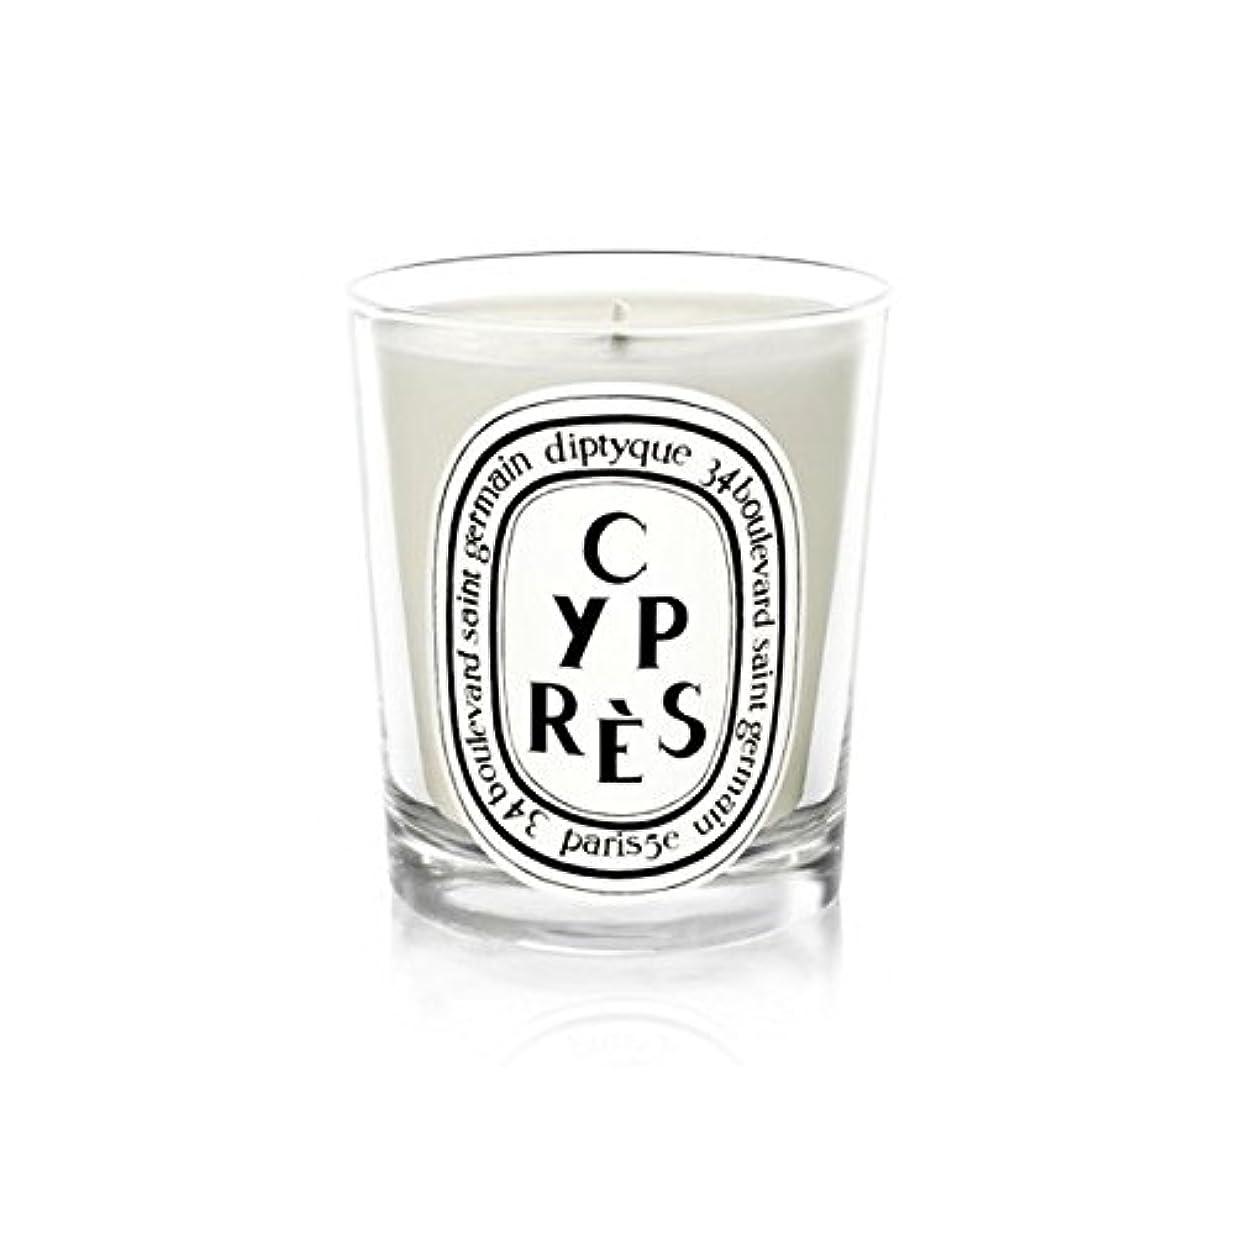 断言する矛盾協同DiptyqueキャンドルCypr?s/ヒノキ190グラム - Diptyque Candle Cypr?s / Cypress 190g (Diptyque) [並行輸入品]